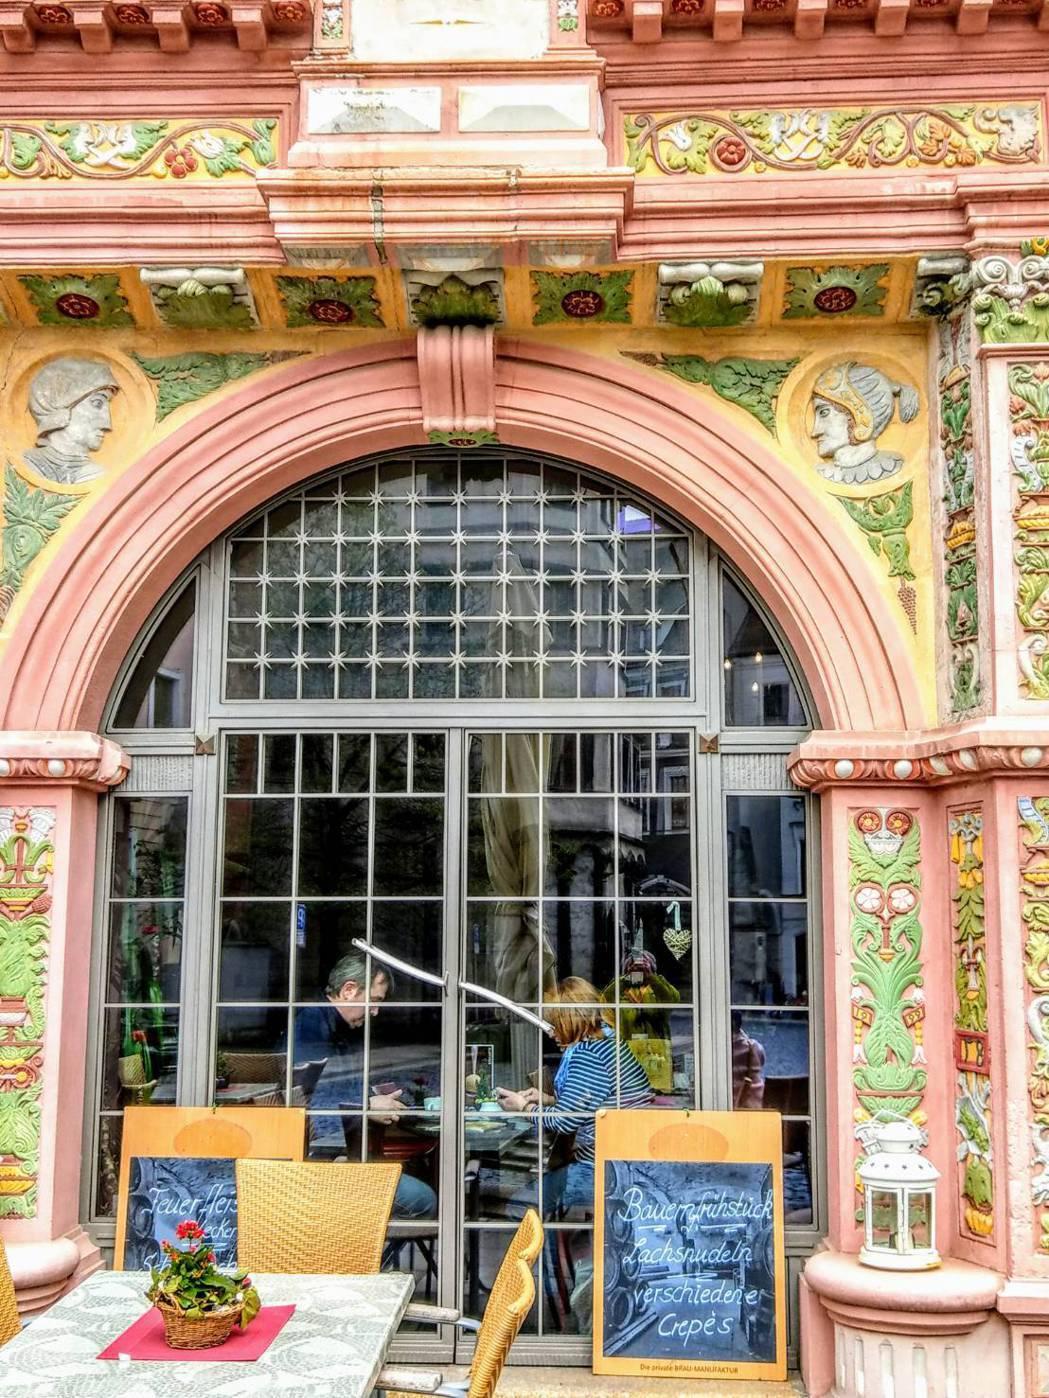 哥利茲一家餐廳外觀,裝潢富麗堂皇,在拱形落地窗旁用餐,非常有情調。記者張錦弘/攝...